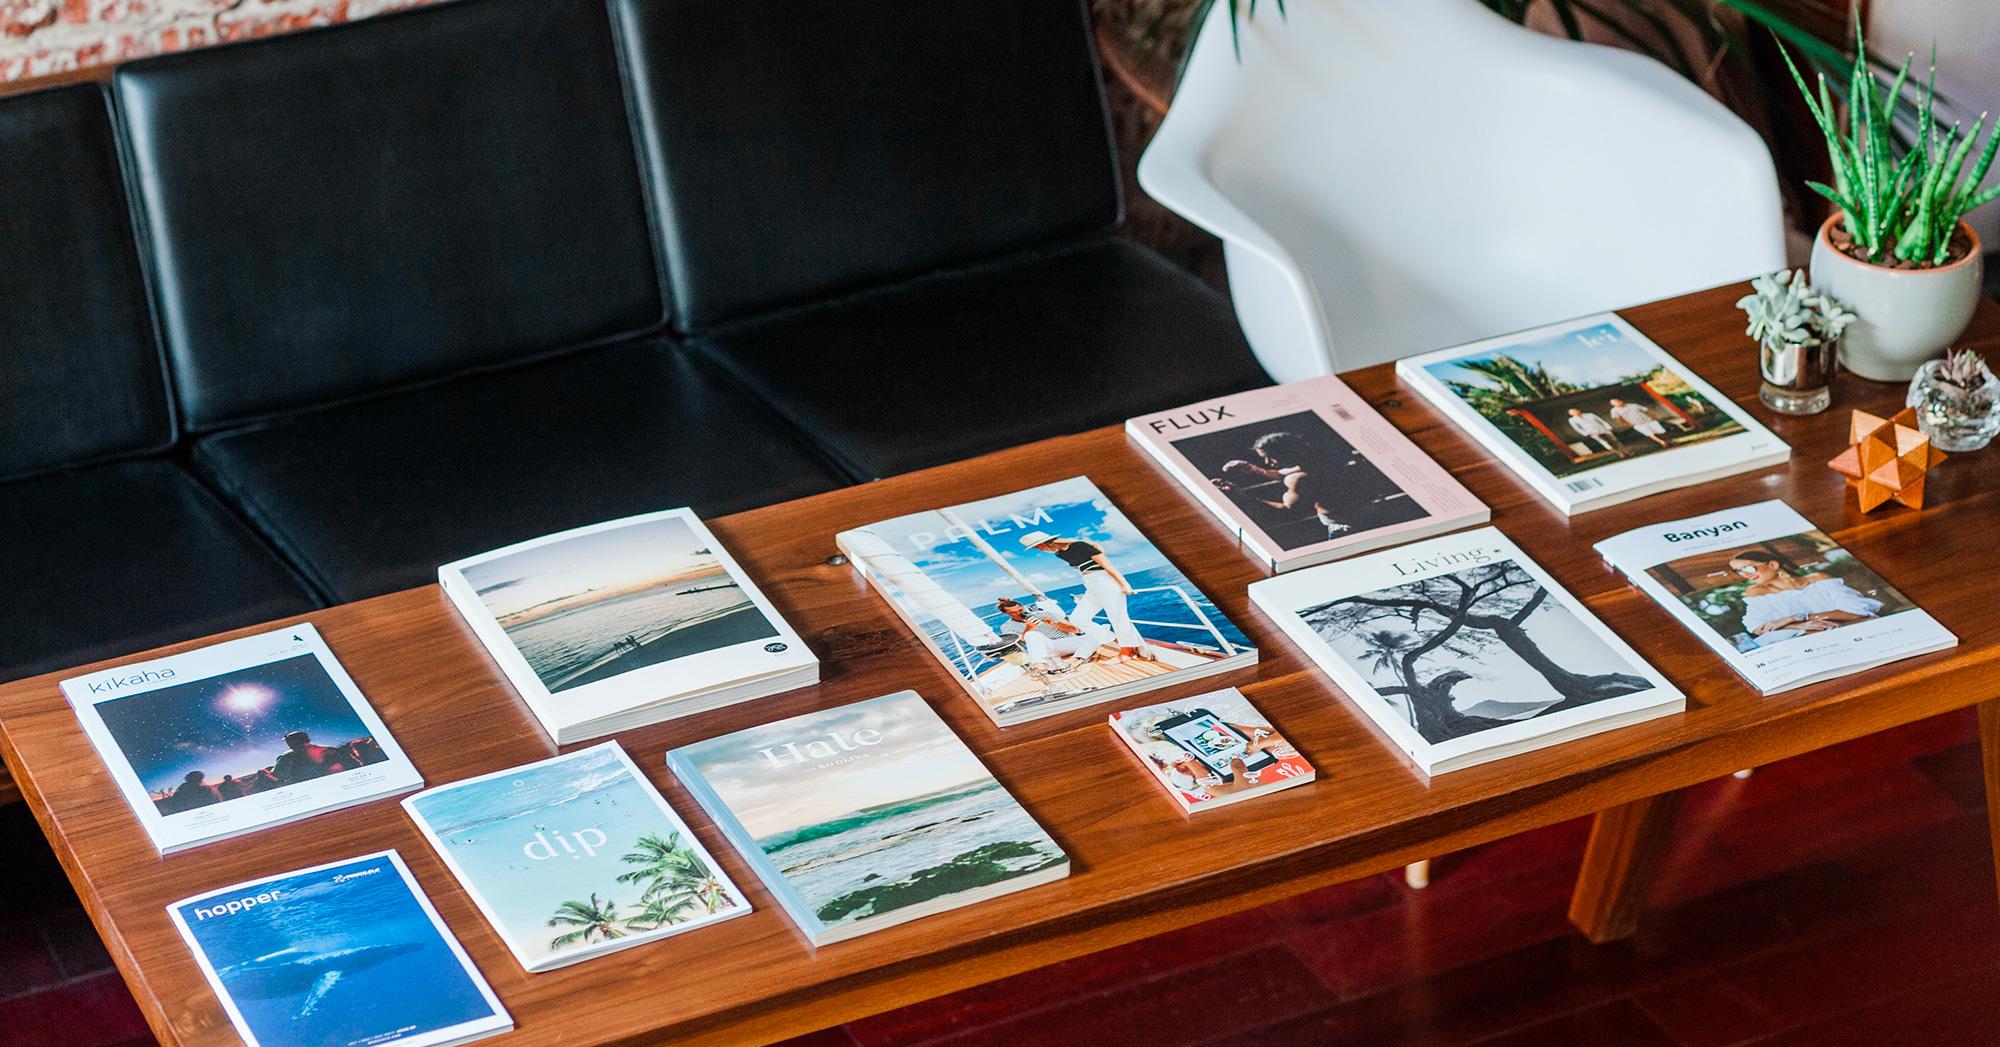 Tavolo basso con sopra diverse riviste